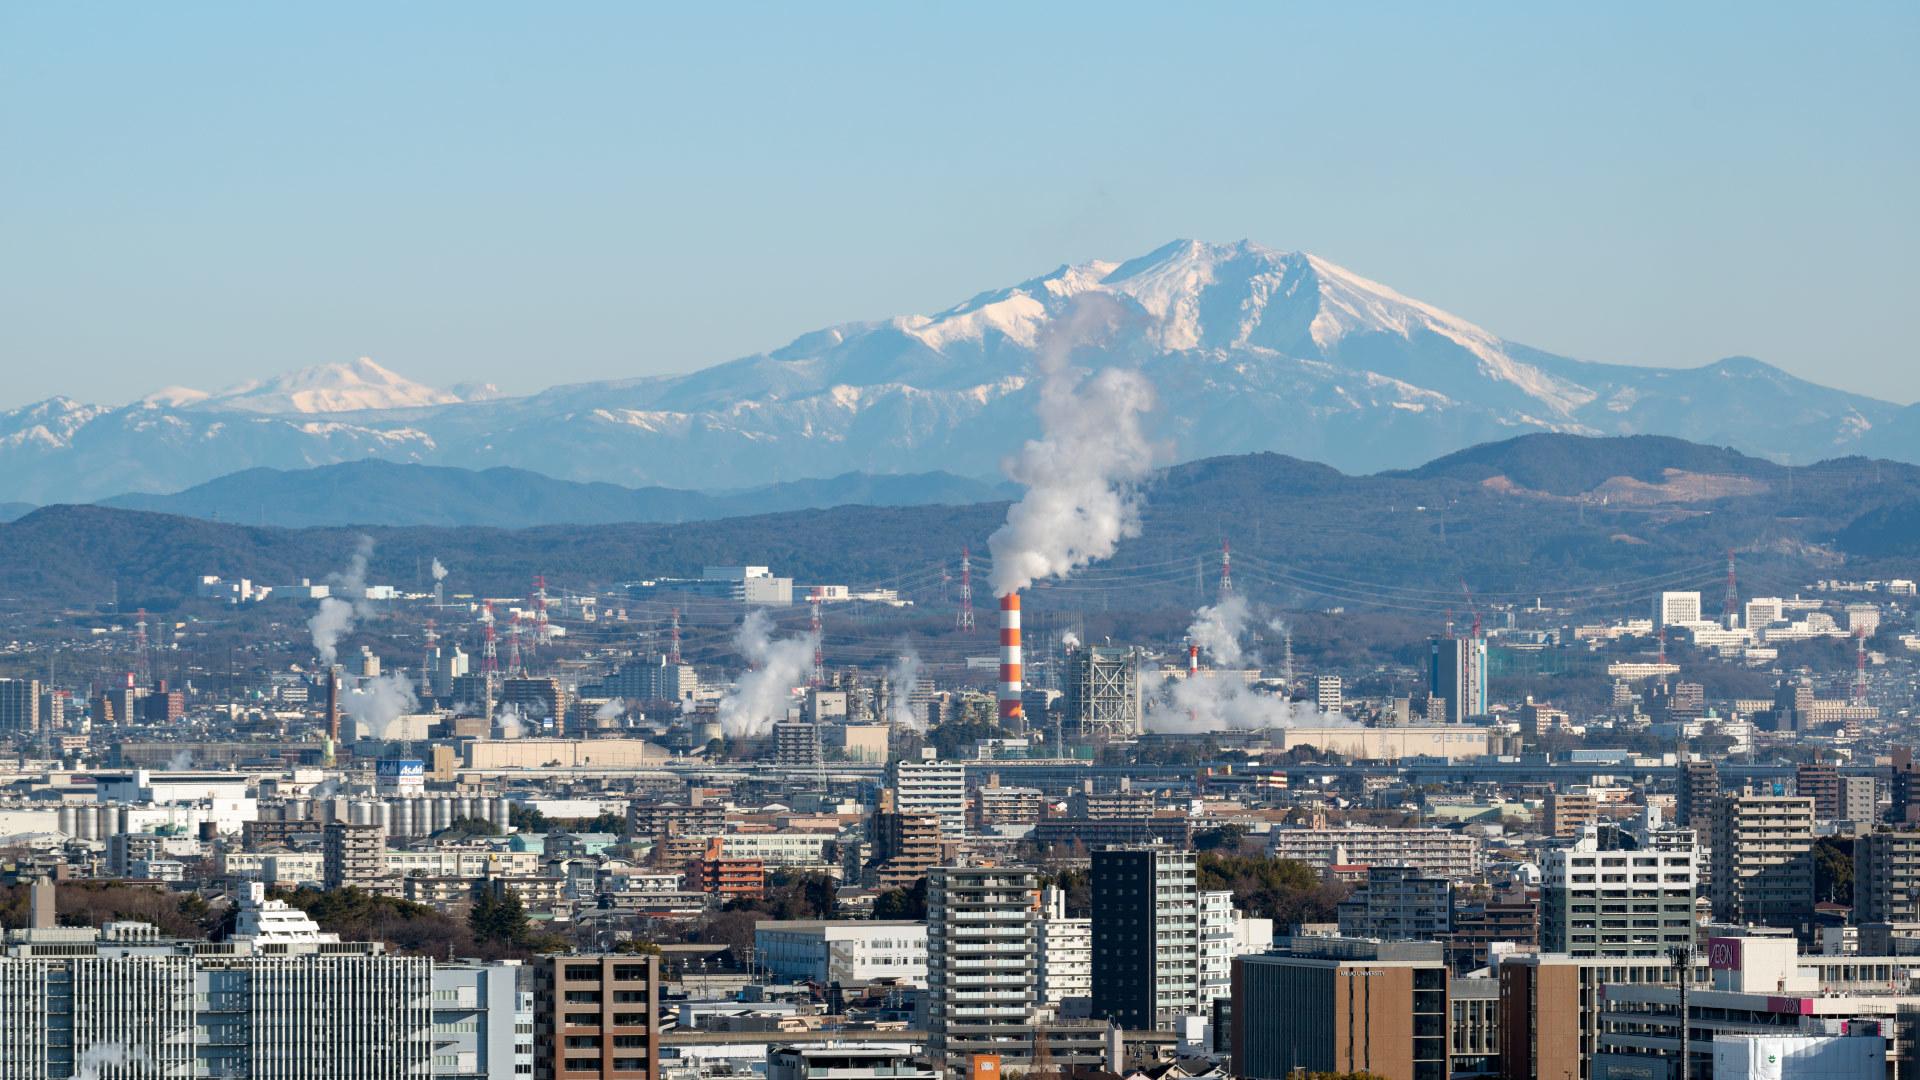 雪山観望日和_a0177616_15320482.jpg